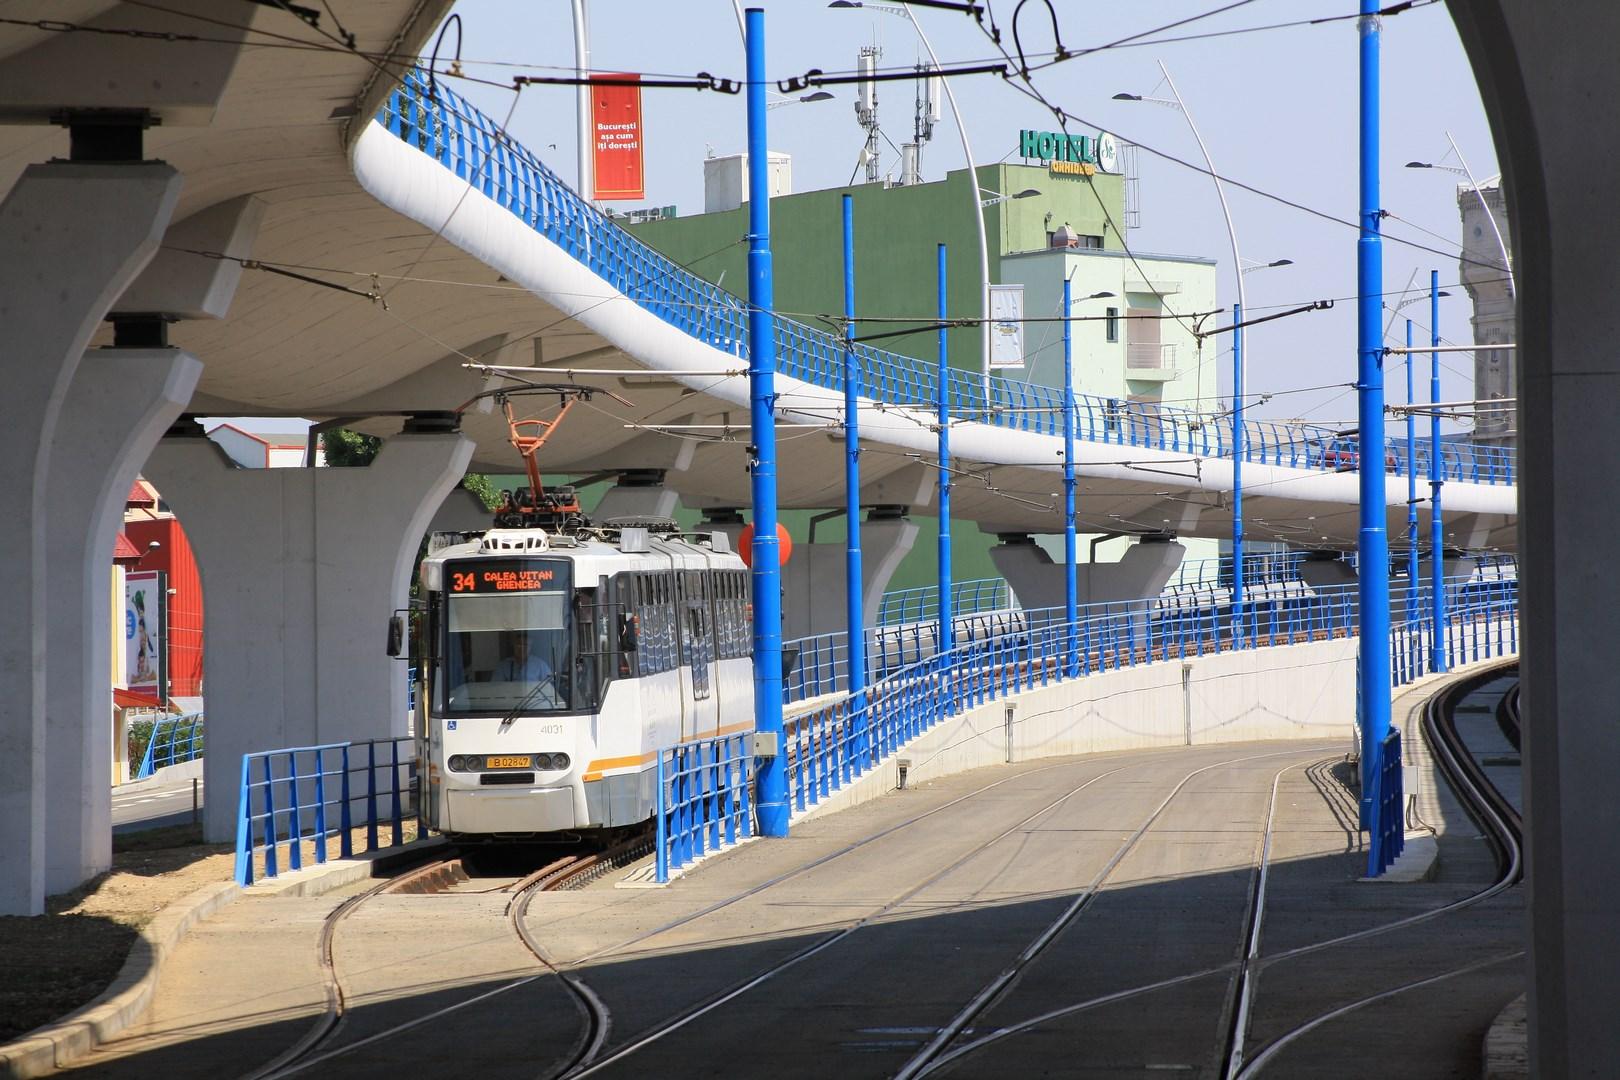 Basarab tramway